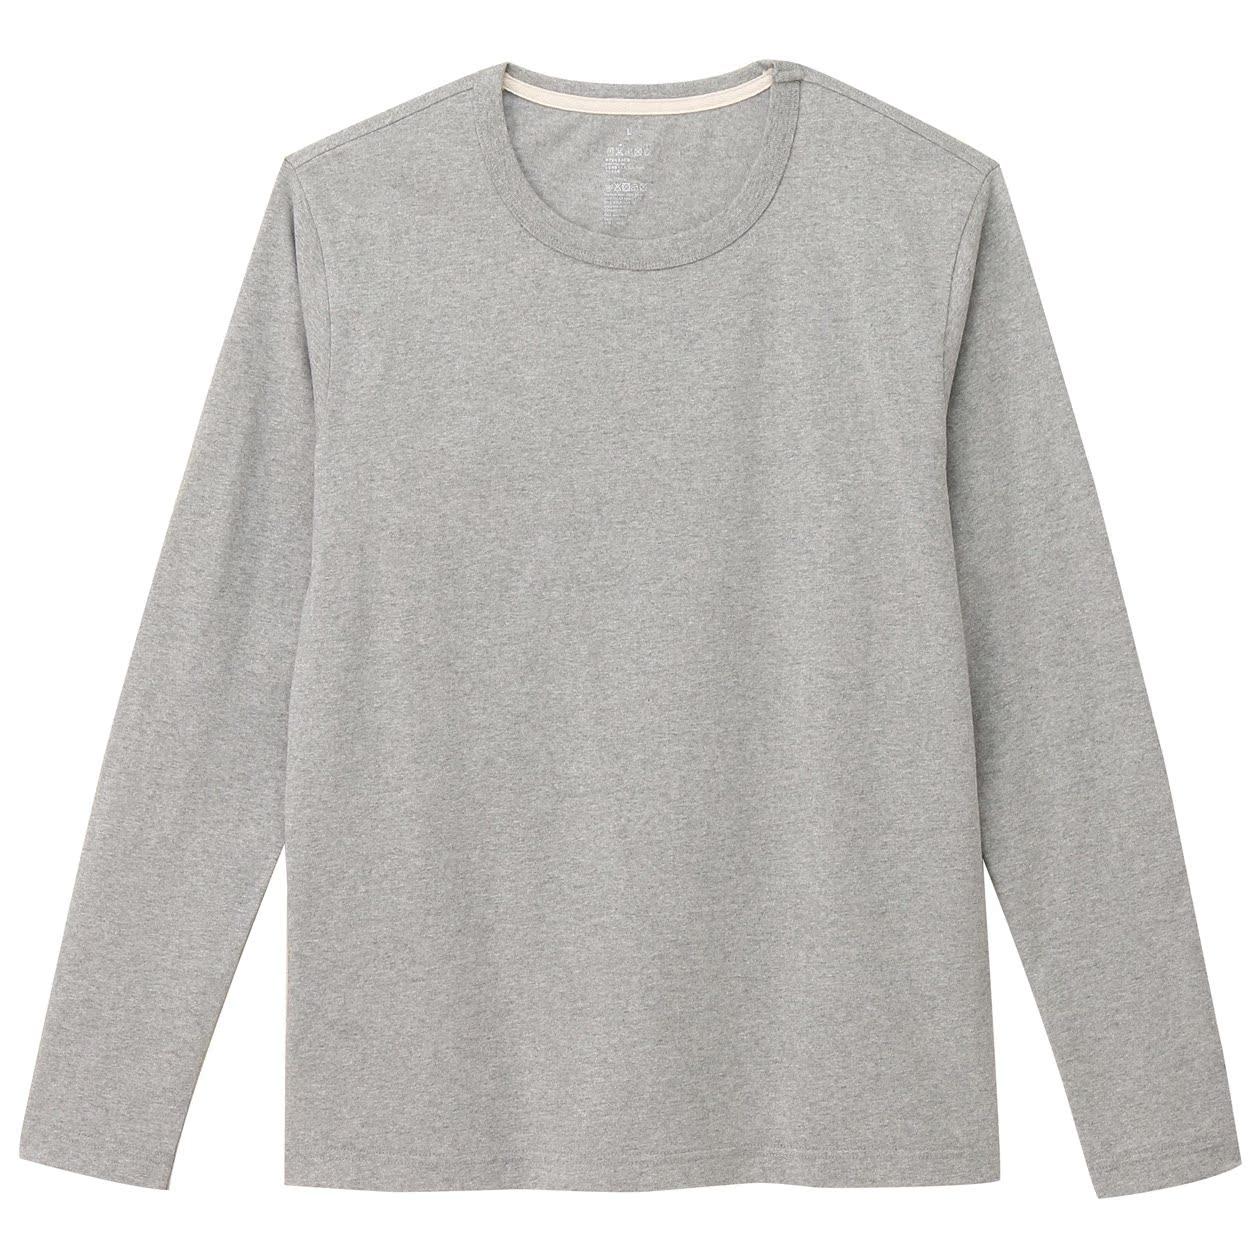 無印良品 MUJI 男式 粗棉線圓領長袖T恤